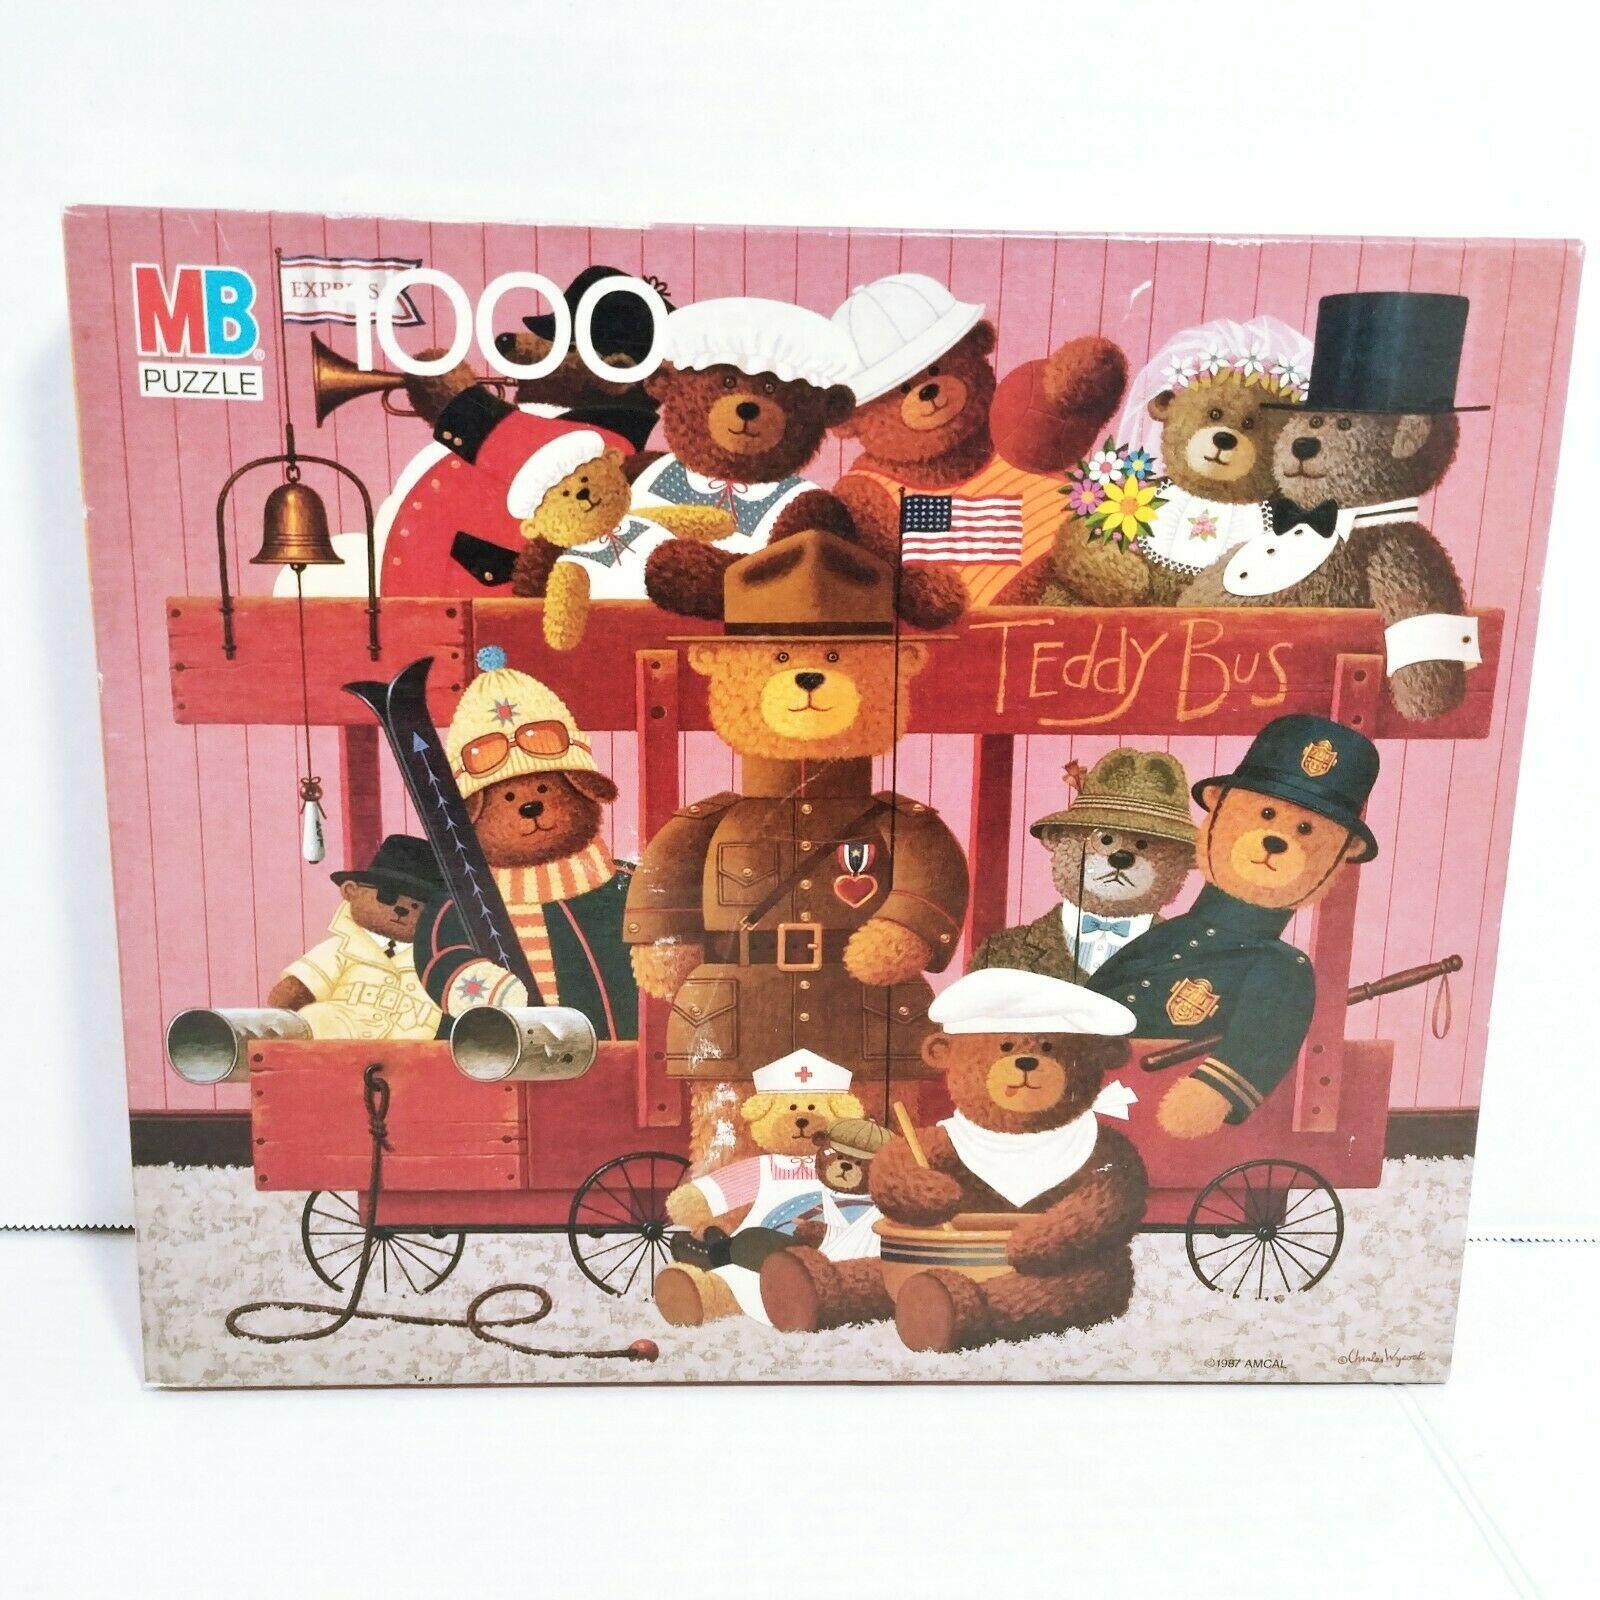 NEW SEALED 1987 VINTAGE CHARLES WYSOCKI PUZZLE Teddy Bears 1000 PIECE Jigsaw - $77.27